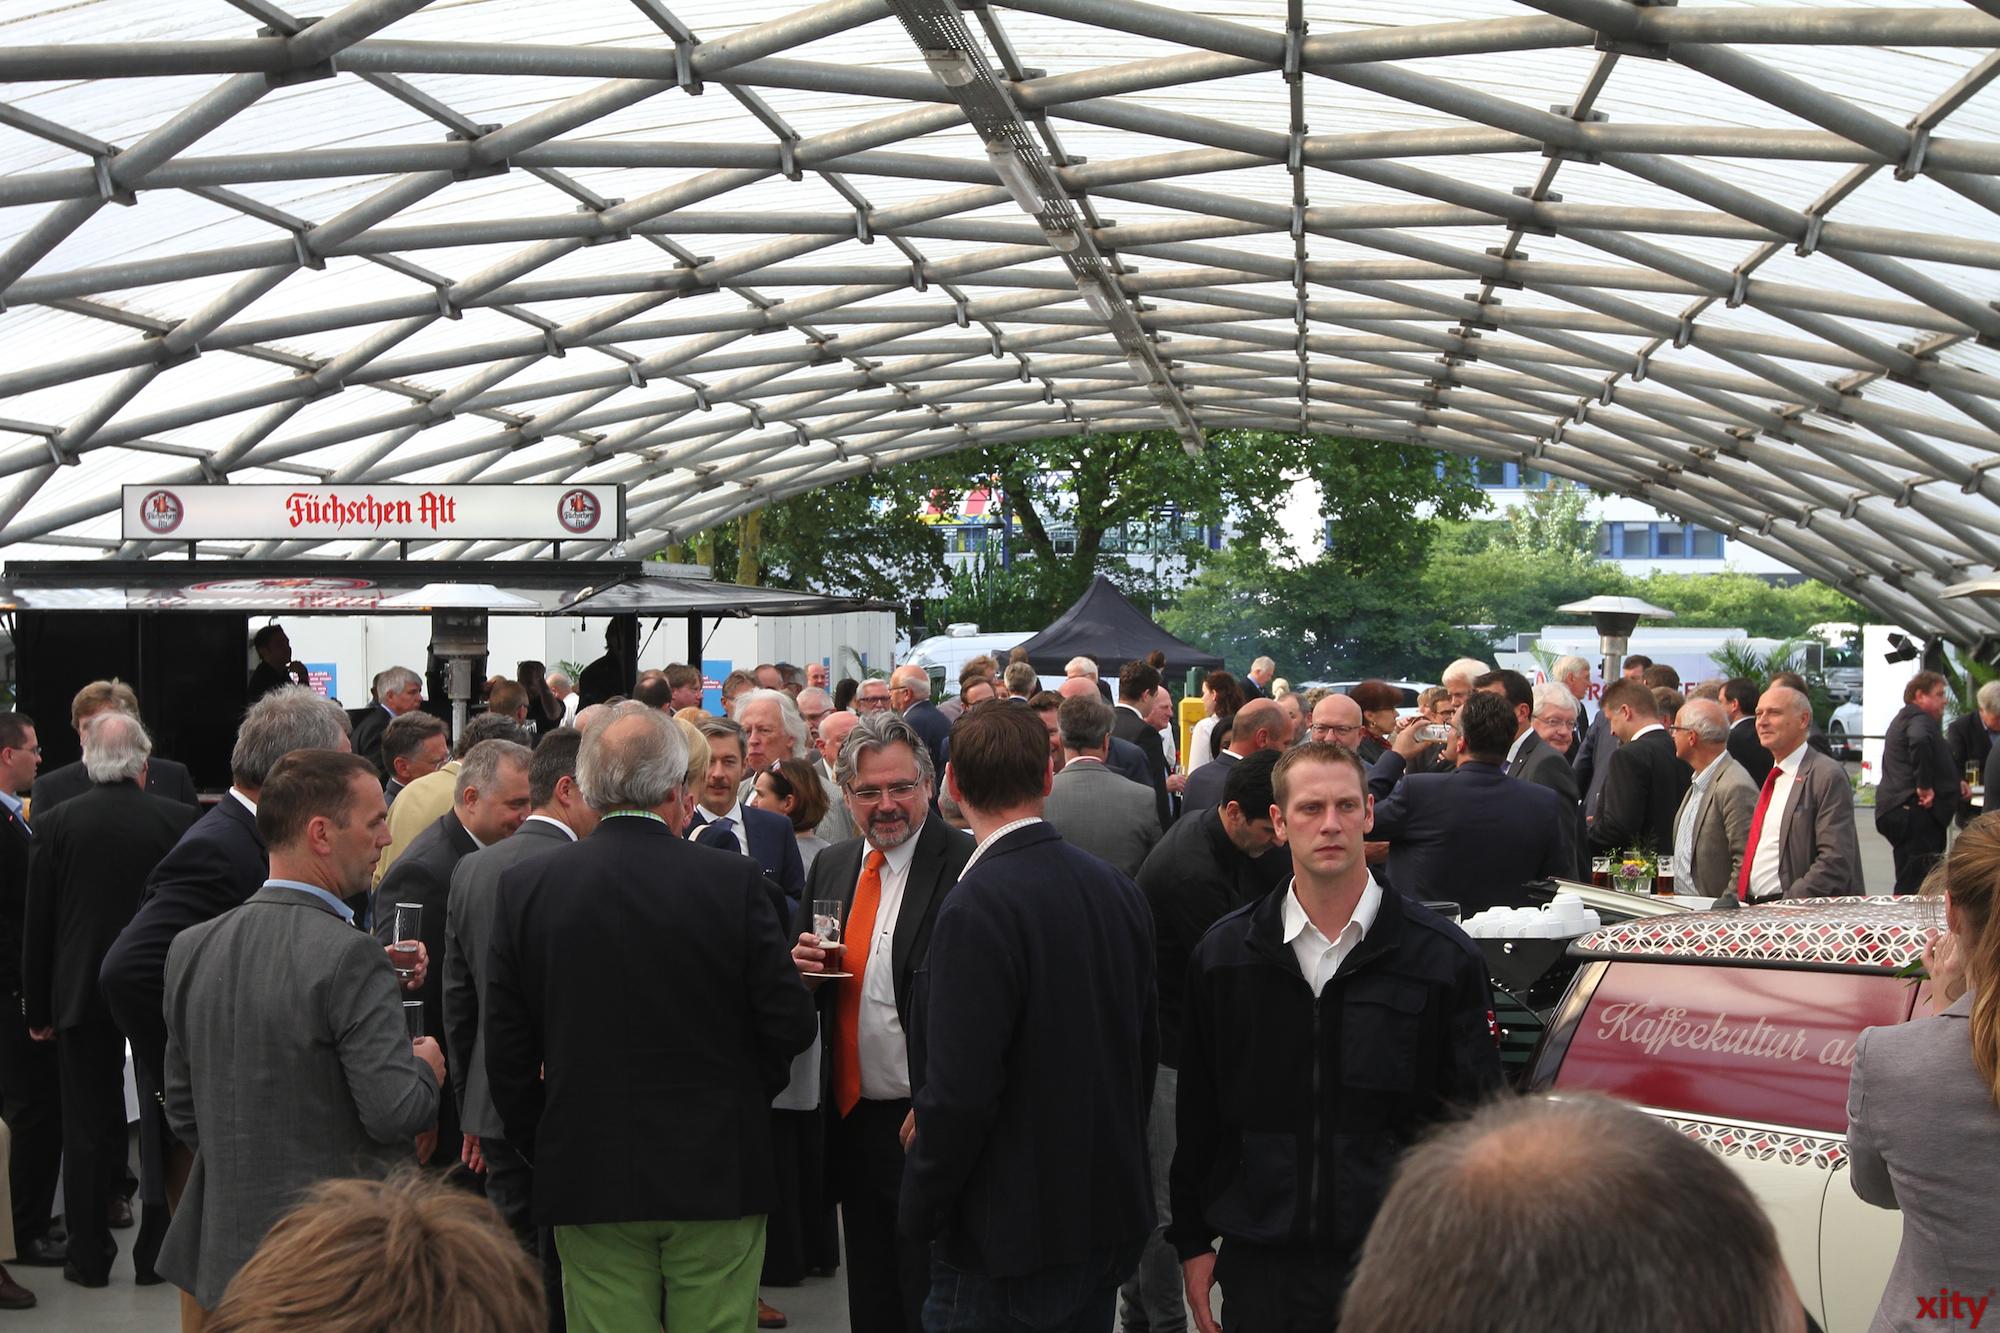 400 geladene Gäste rückten auf dem Parkdeck der Handelskammer zusammen (Foto: xity)